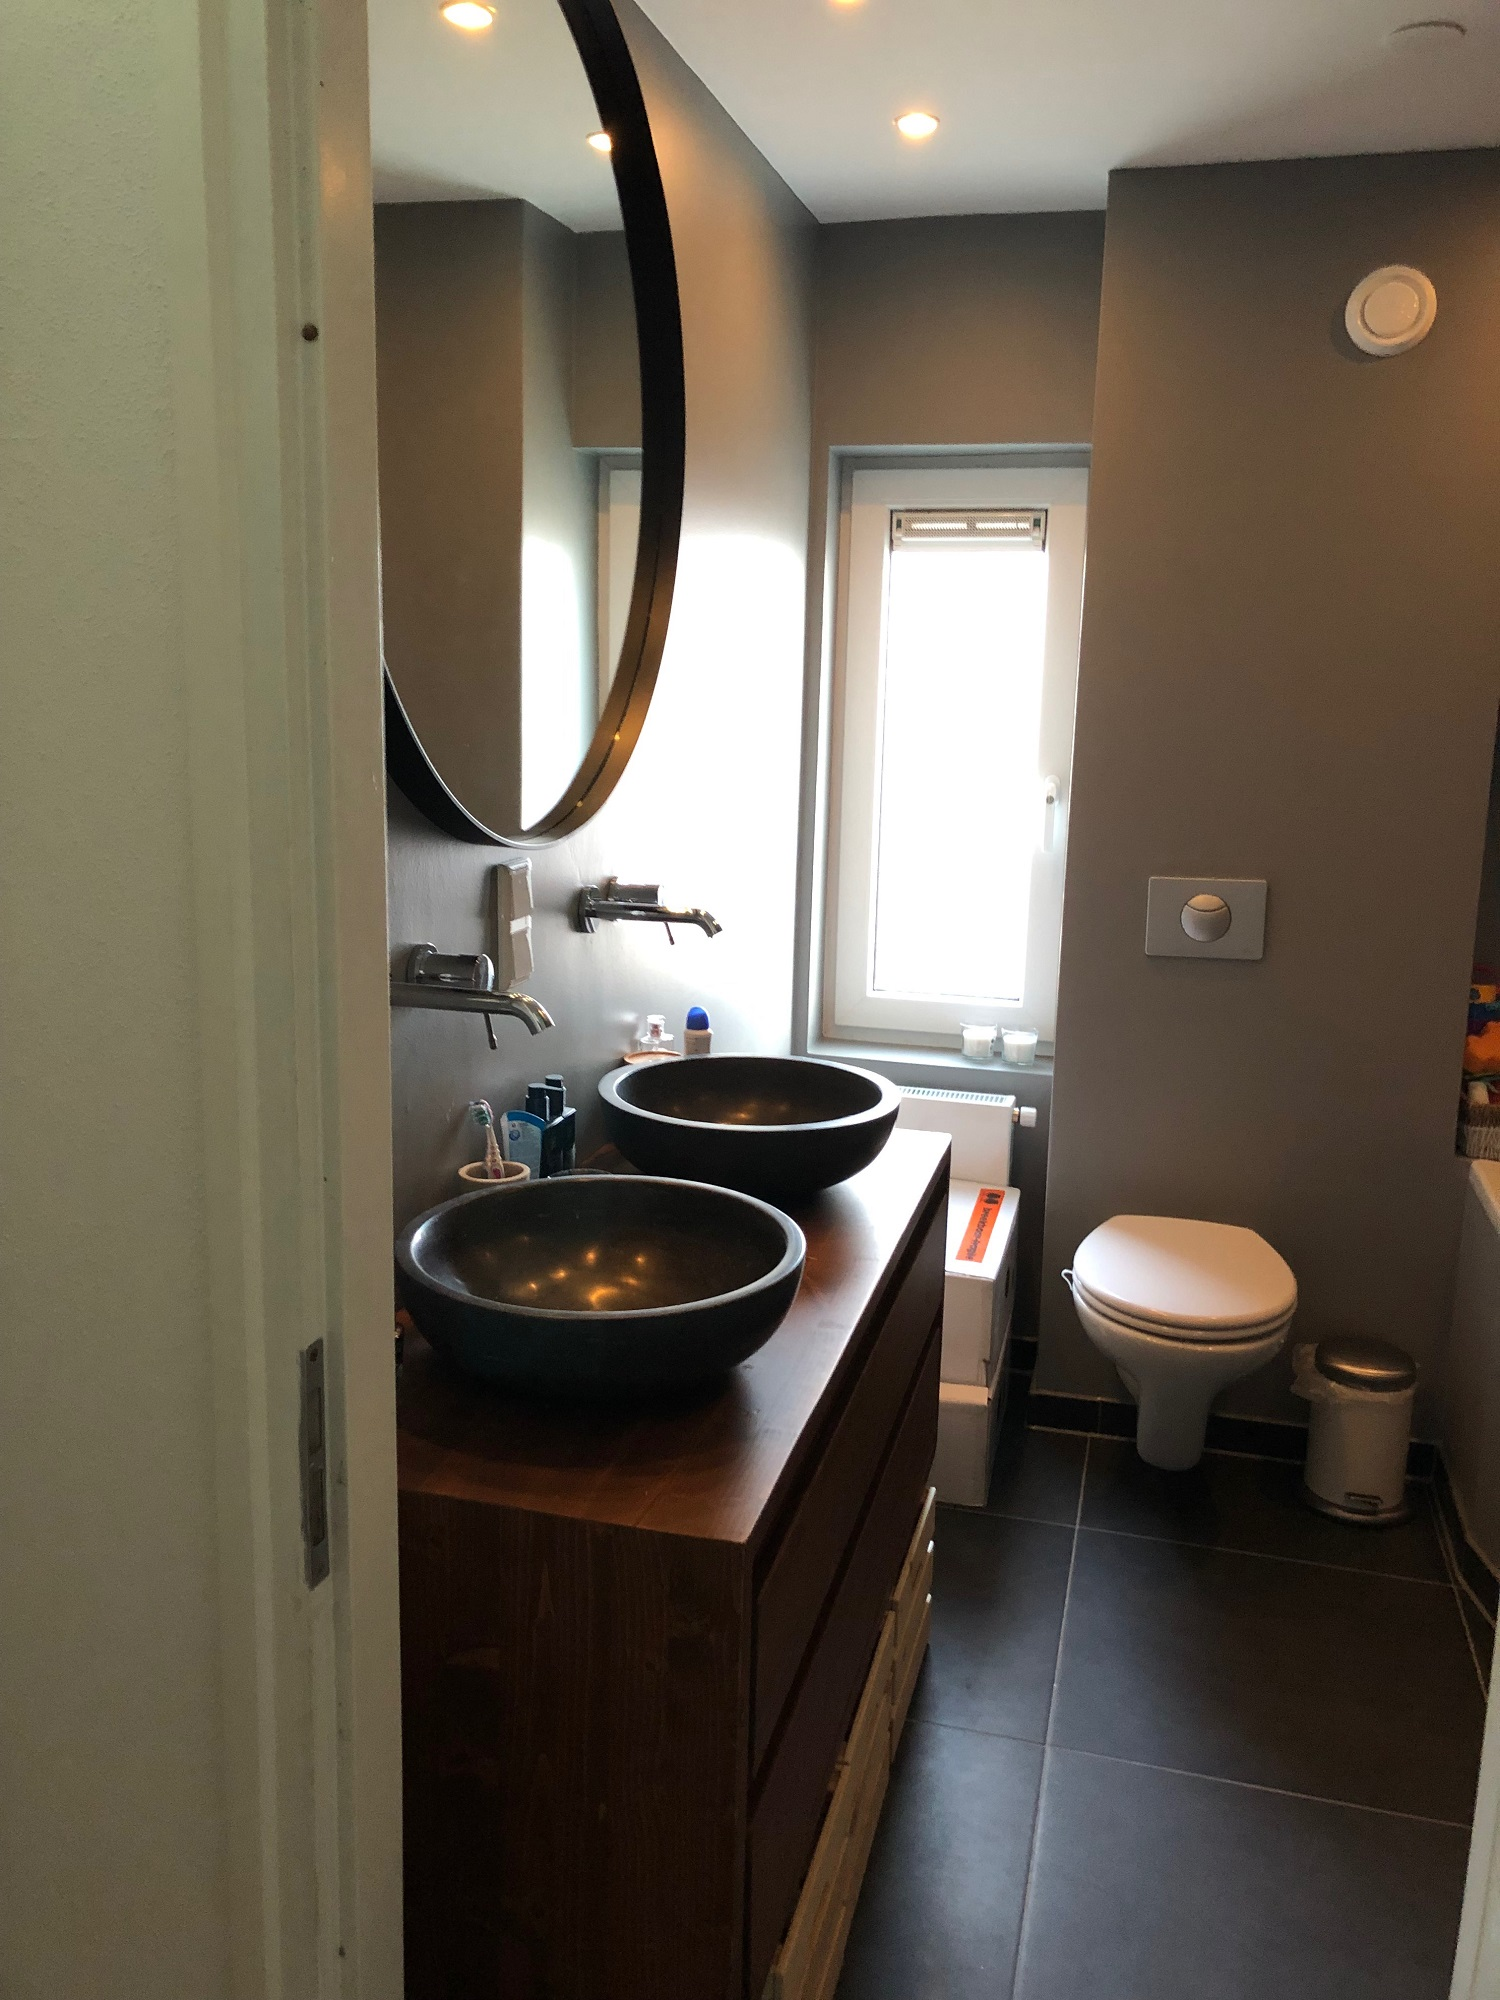 Renovatie badkamer dubbele wastafels